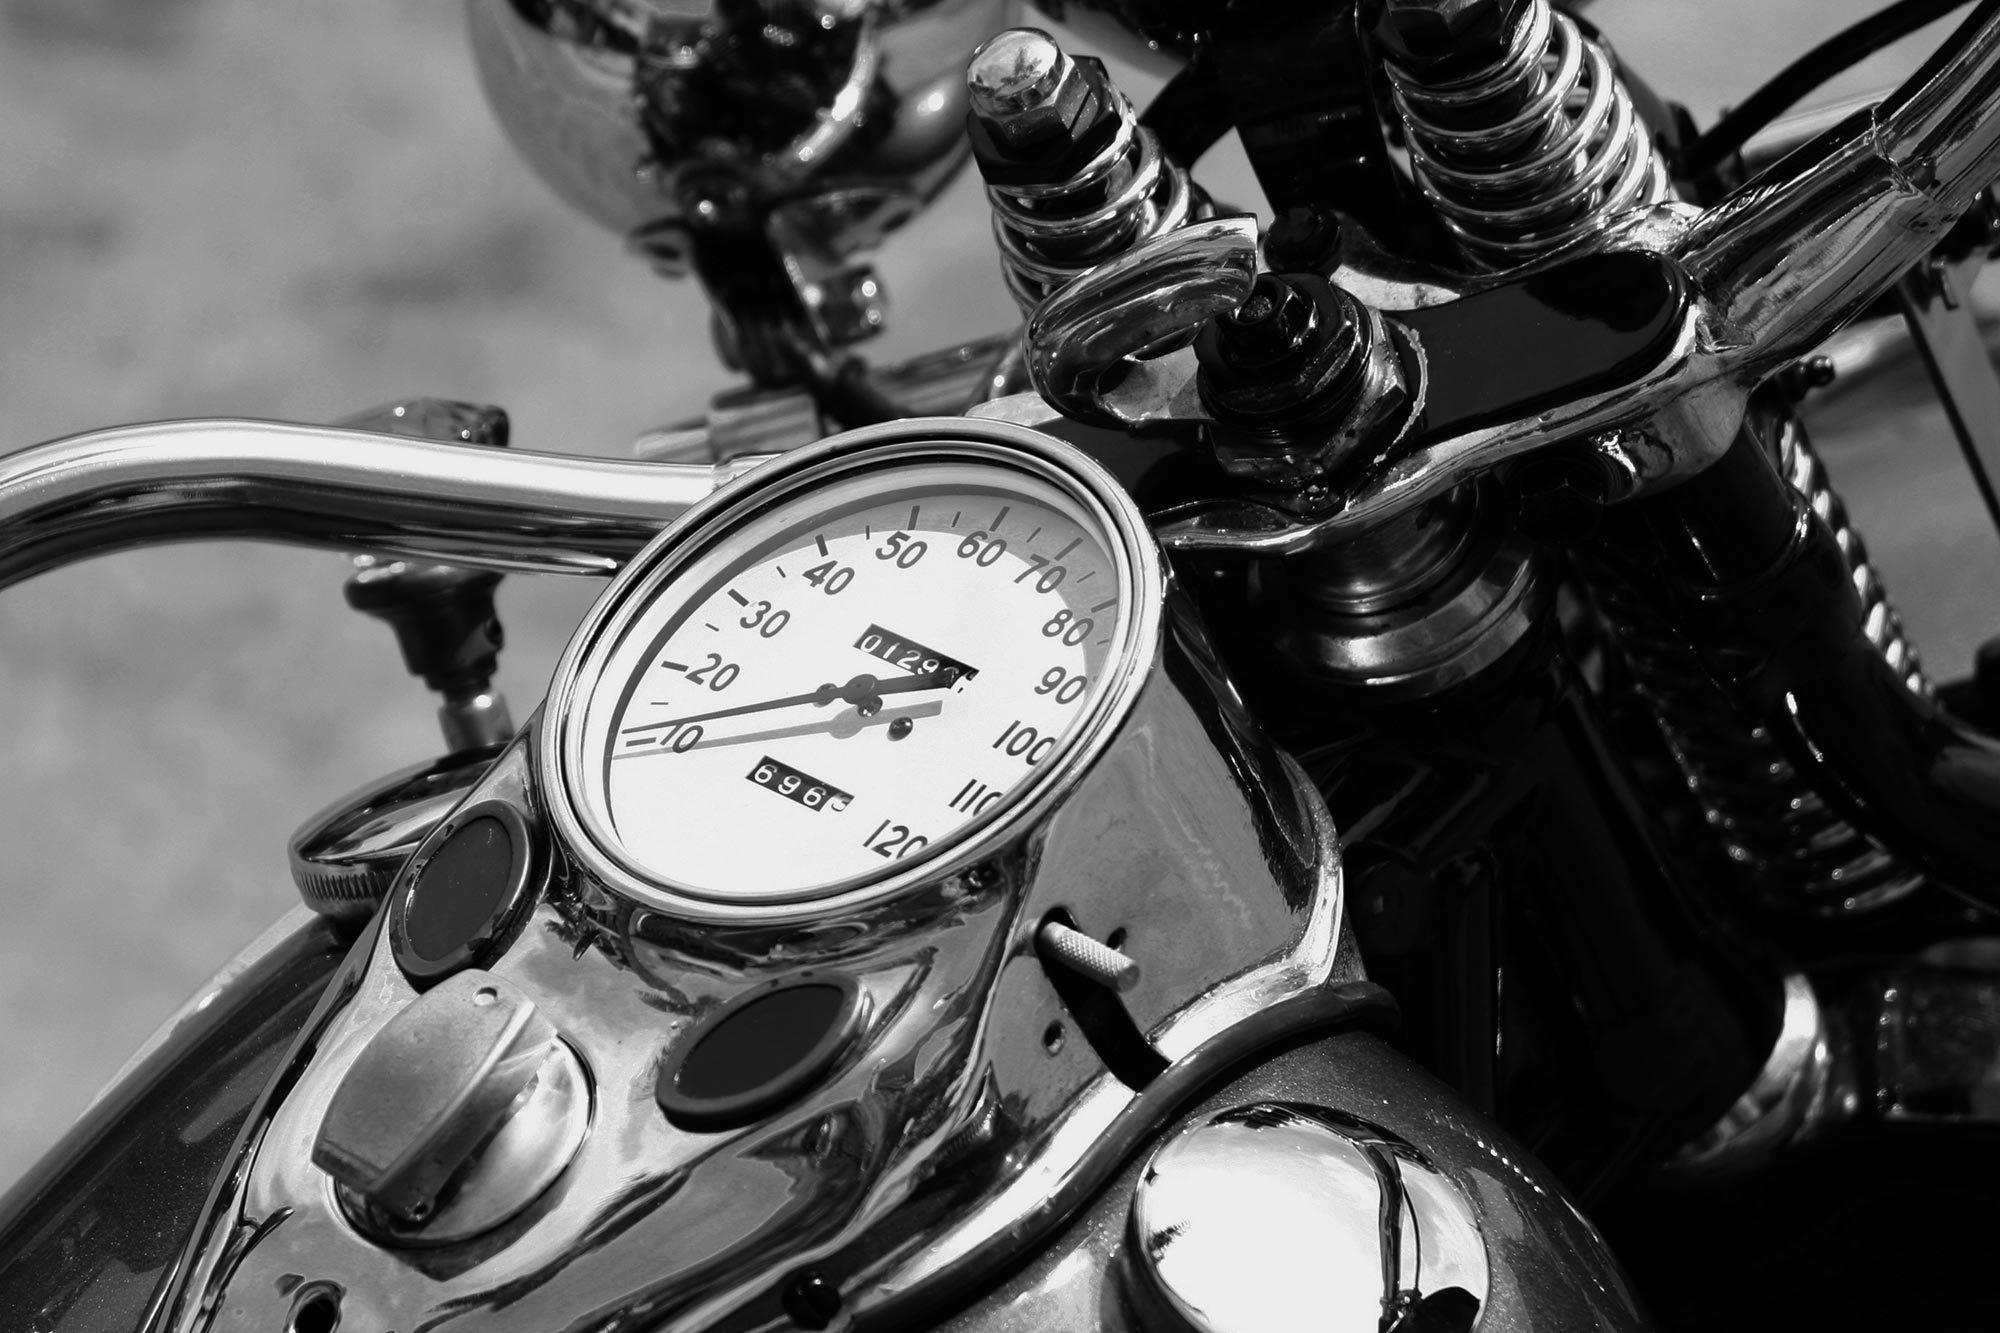 Harley davidson springer